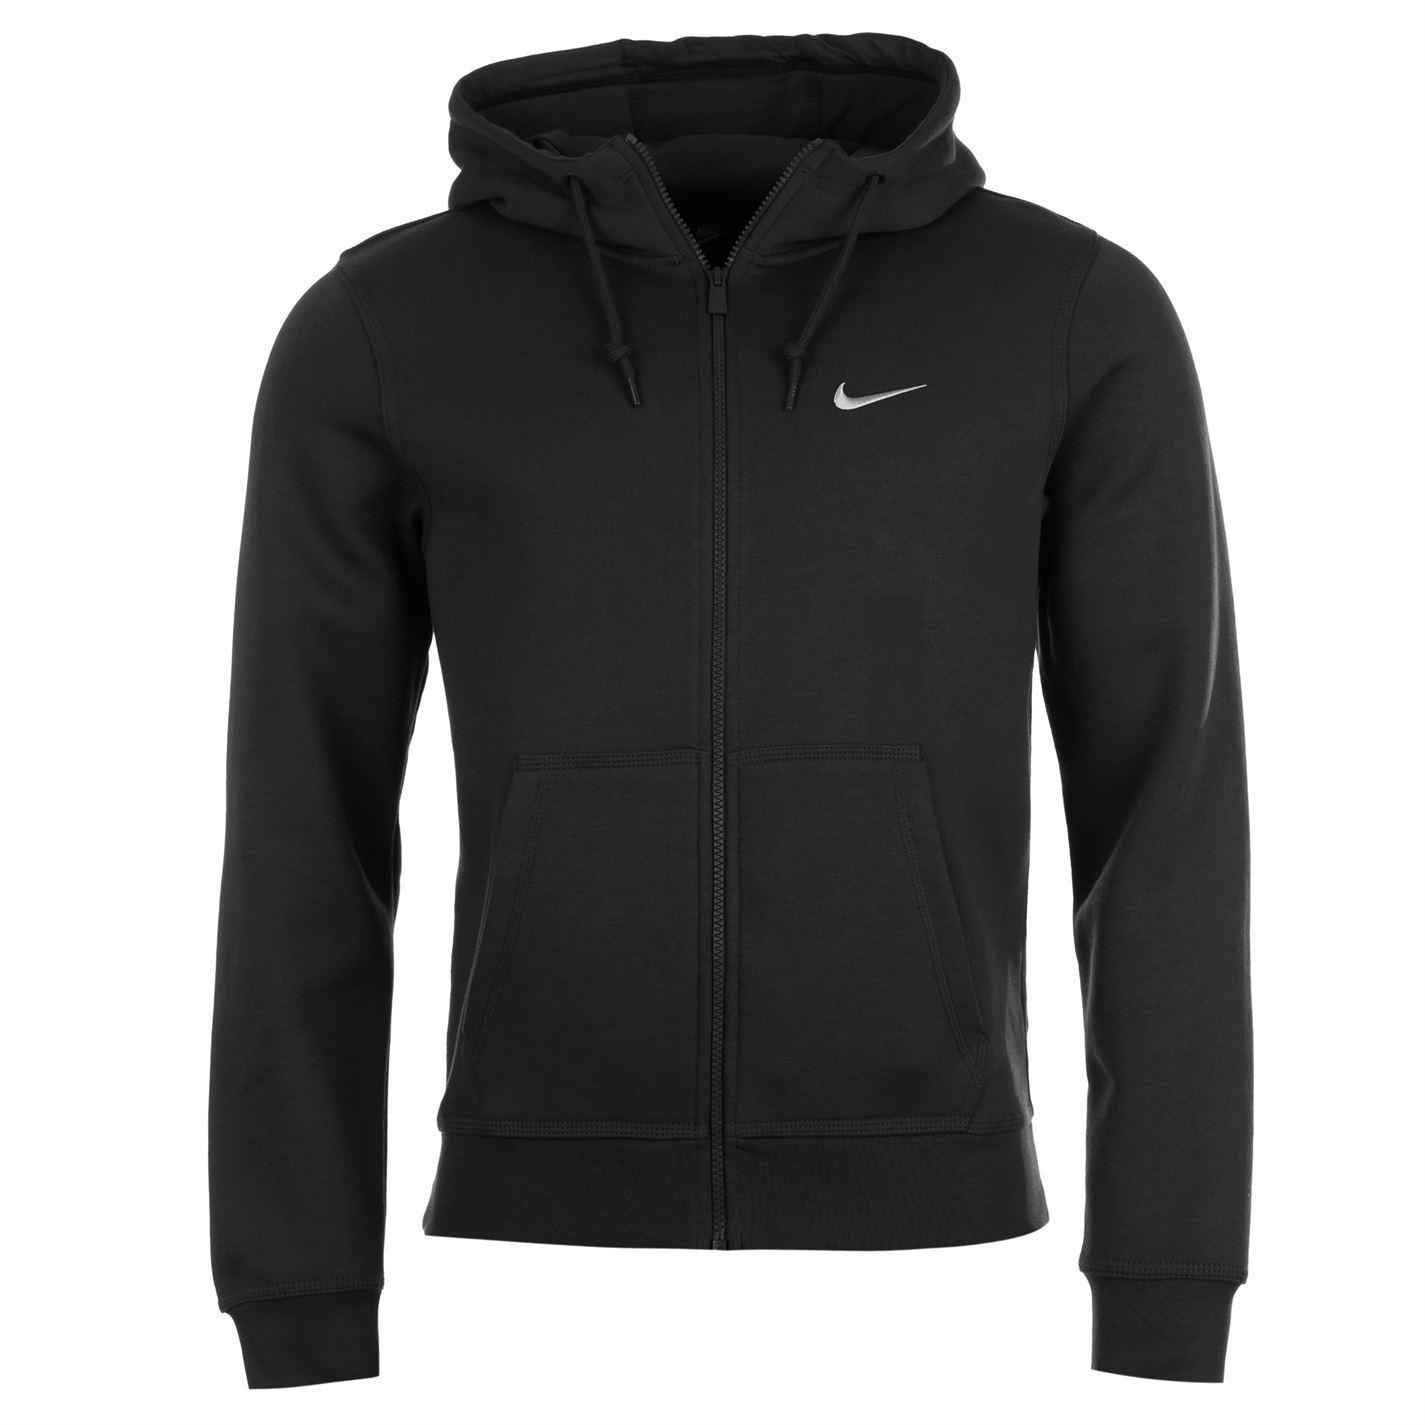 Nike-Fundamentals-Full-Zip-Hoody-Jacket-Mens-Hoodie-Sweatshirt-Sweater-Top thumbnail 6